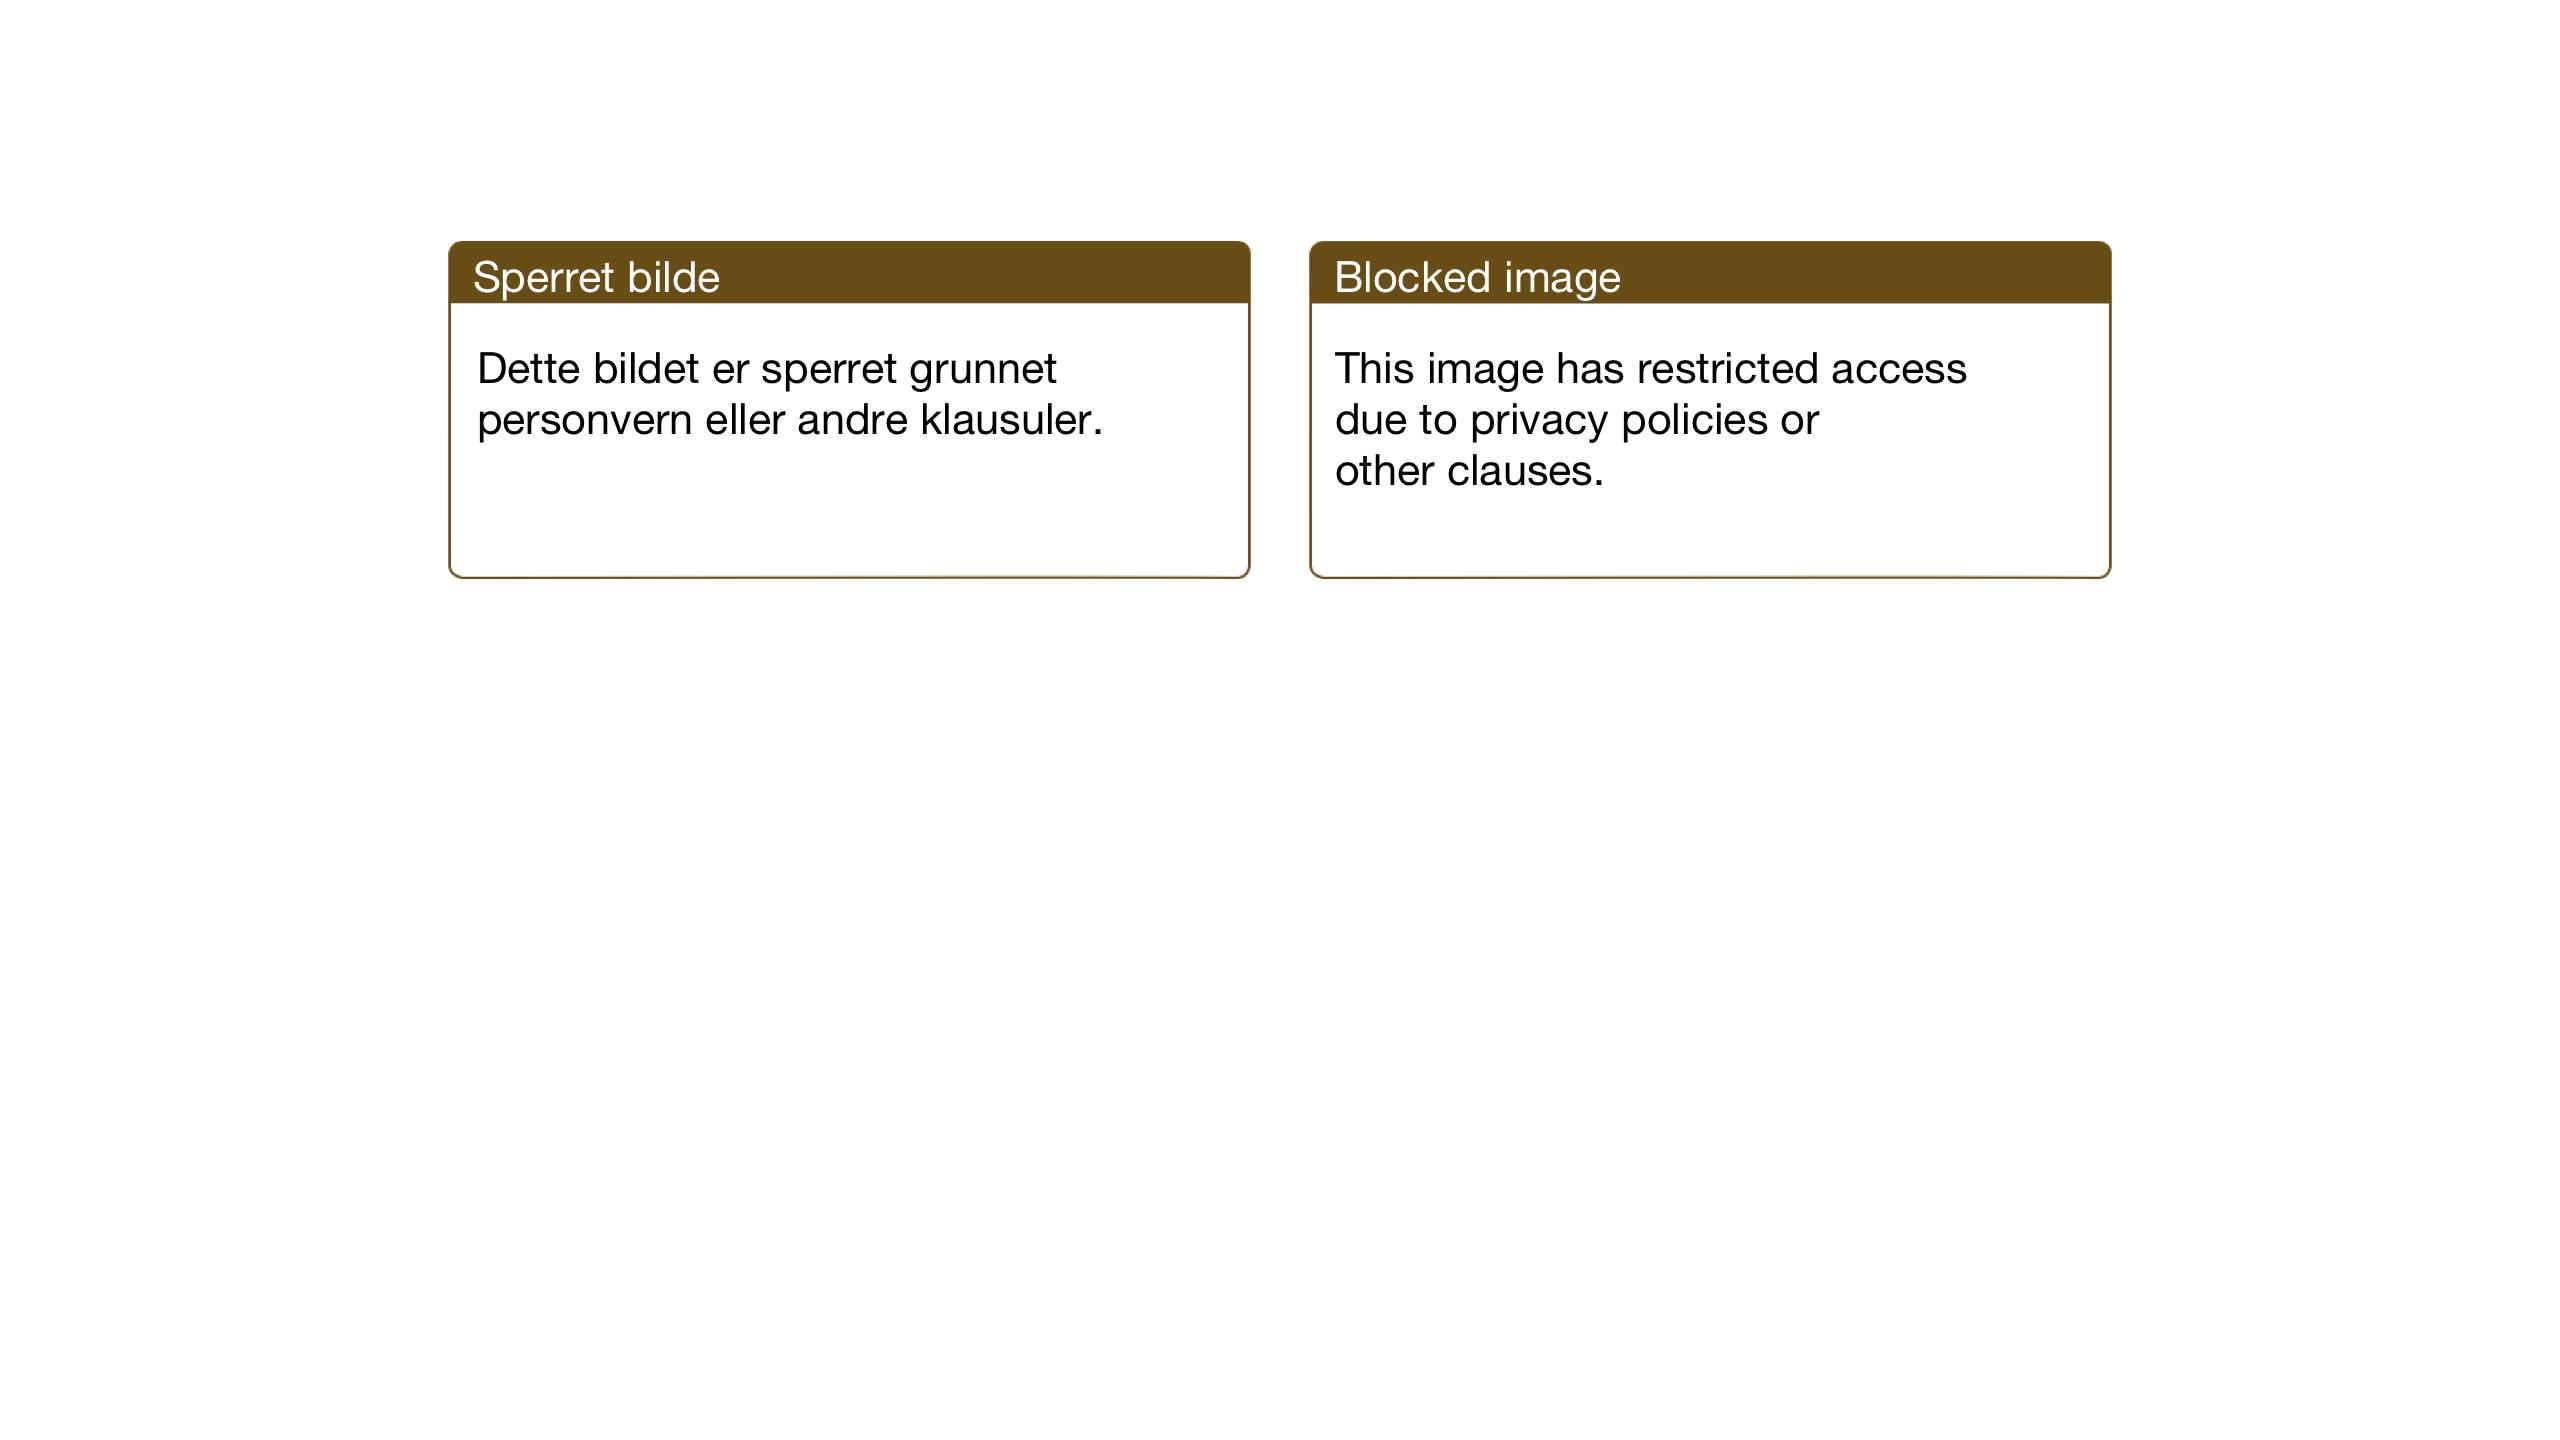 SAT, Ministerialprotokoller, klokkerbøker og fødselsregistre - Sør-Trøndelag, 662/L0758: Klokkerbok nr. 662C03, 1918-1948, s. 60